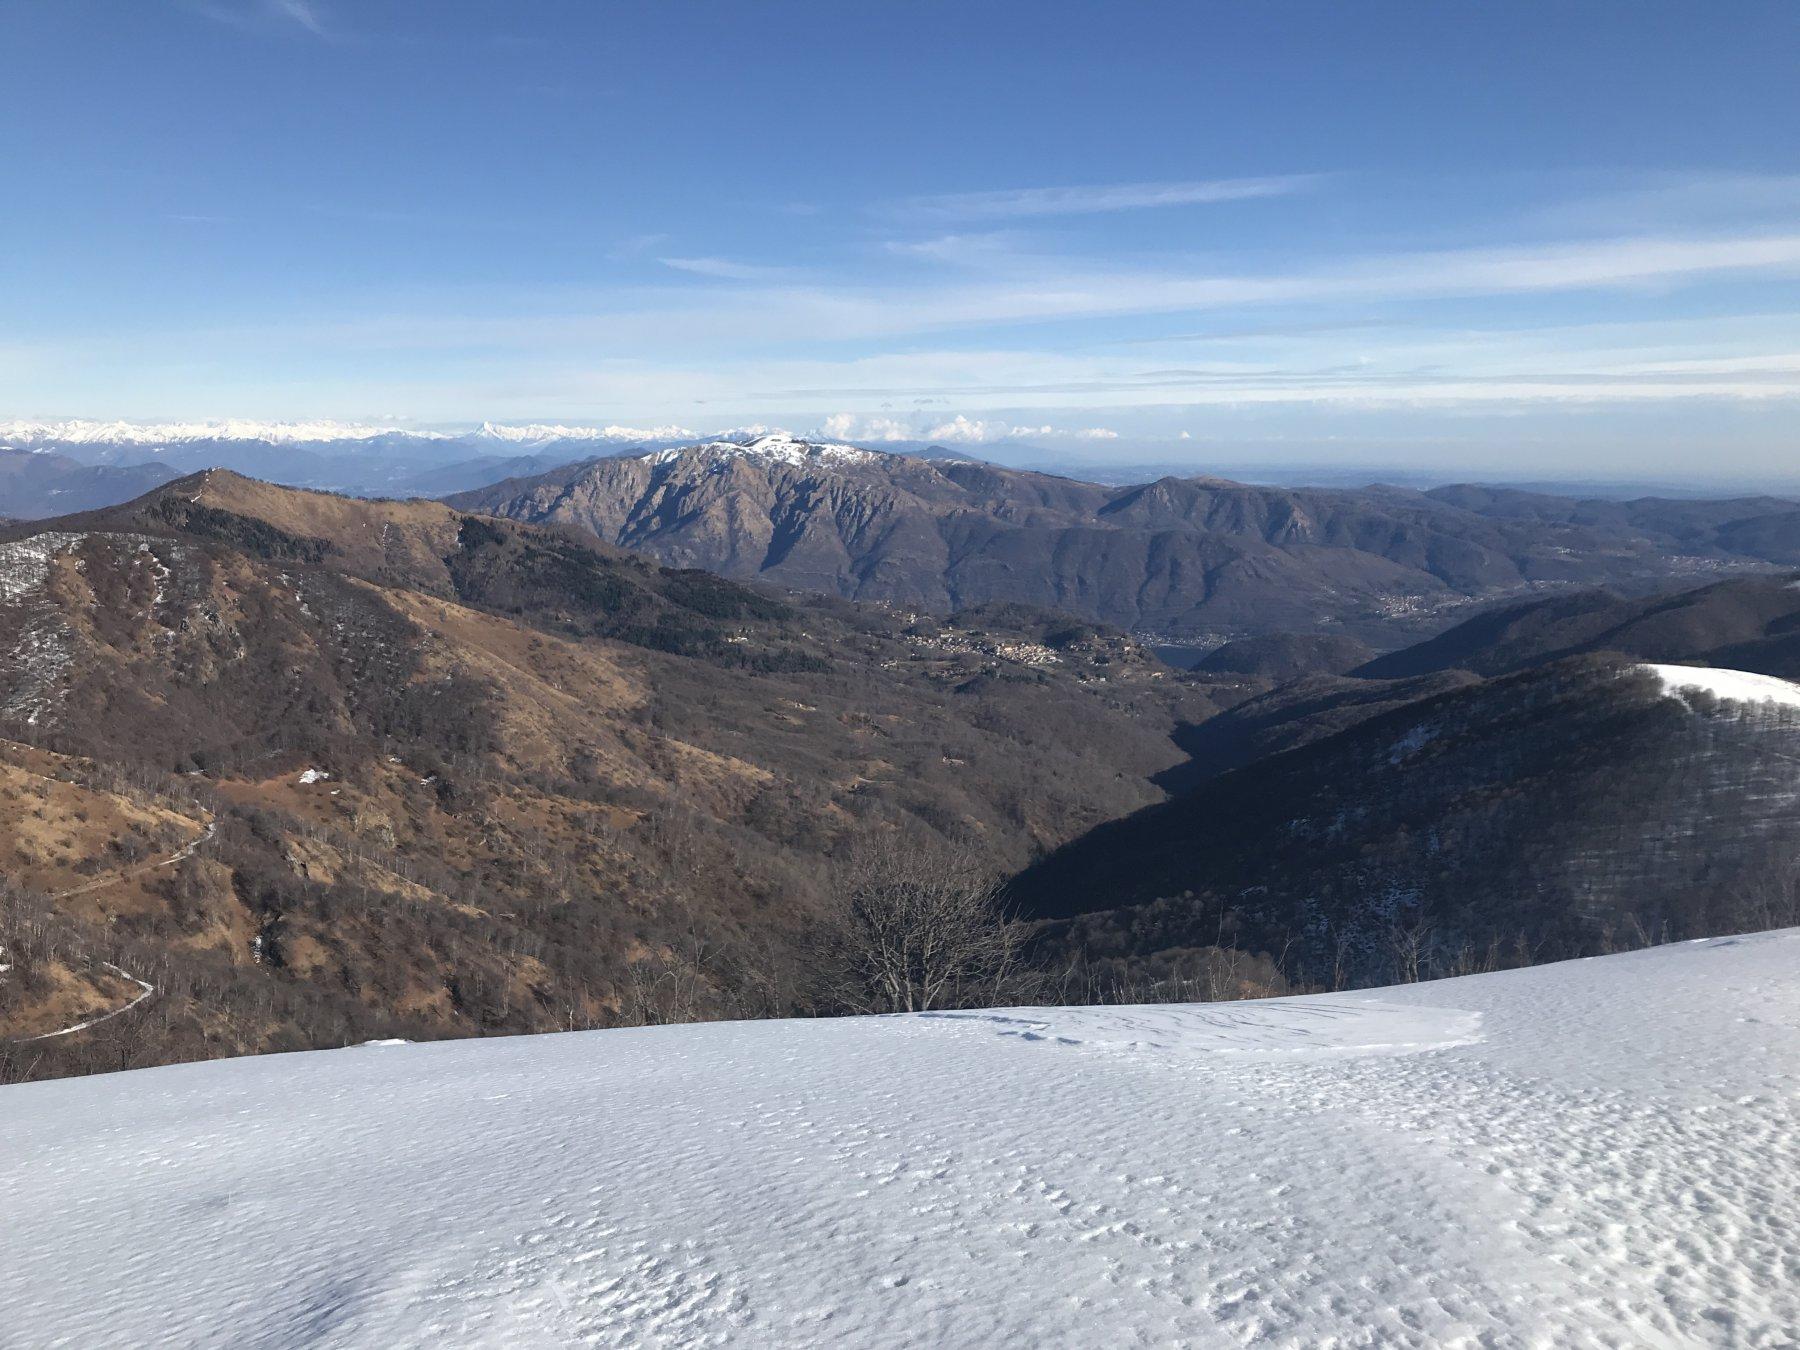 Il lago d'Orta dal monte Ostano